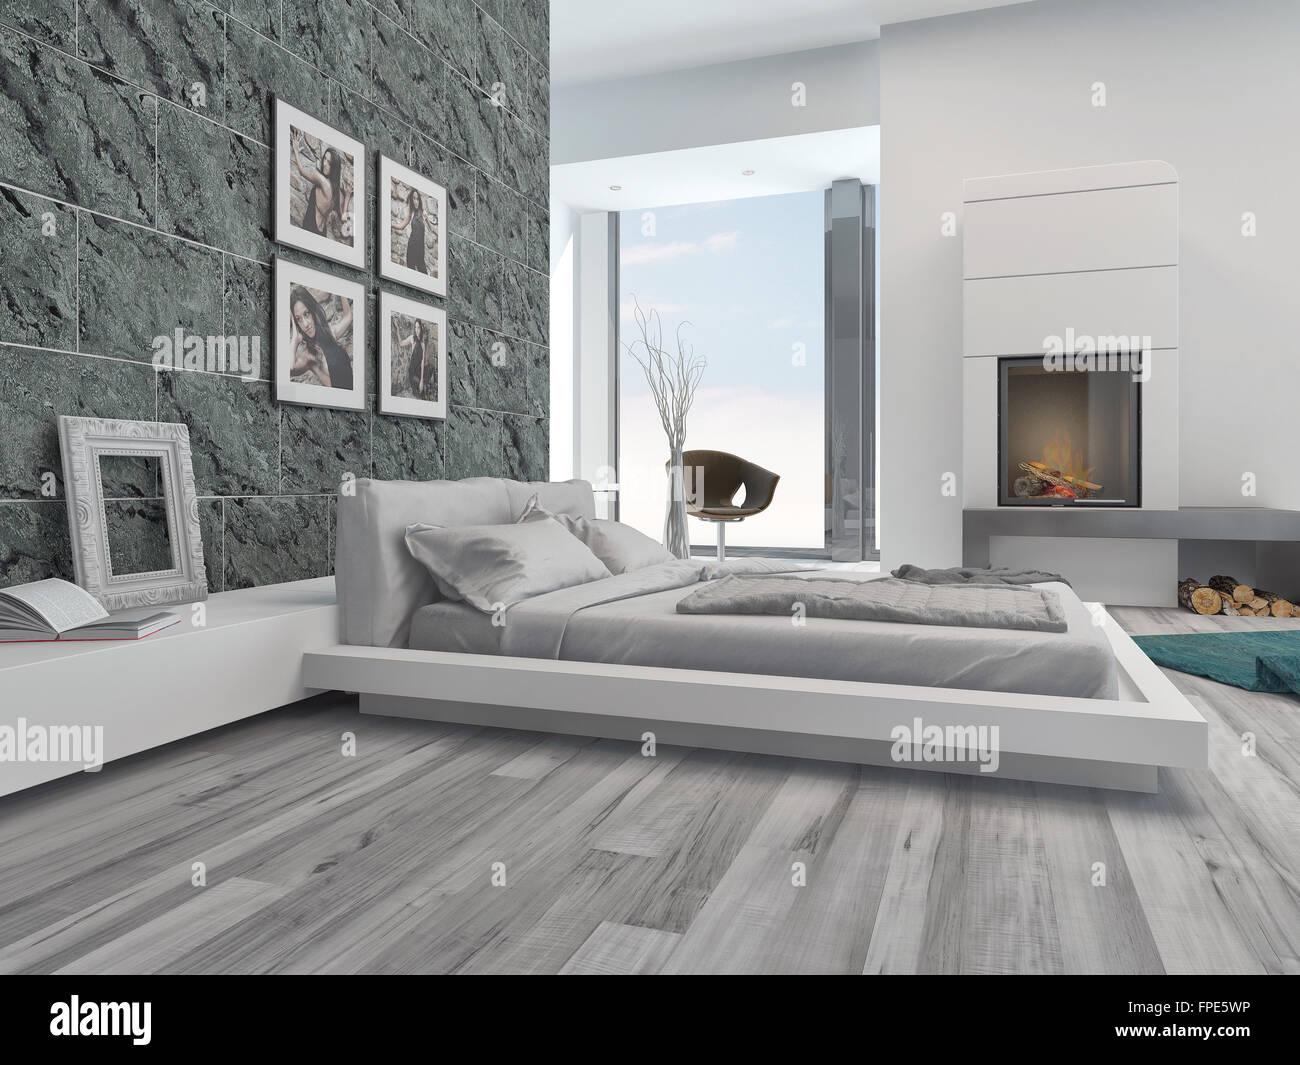 Interieur Chambre A Coucher Moderne Avec Un Elegant Decor Gris